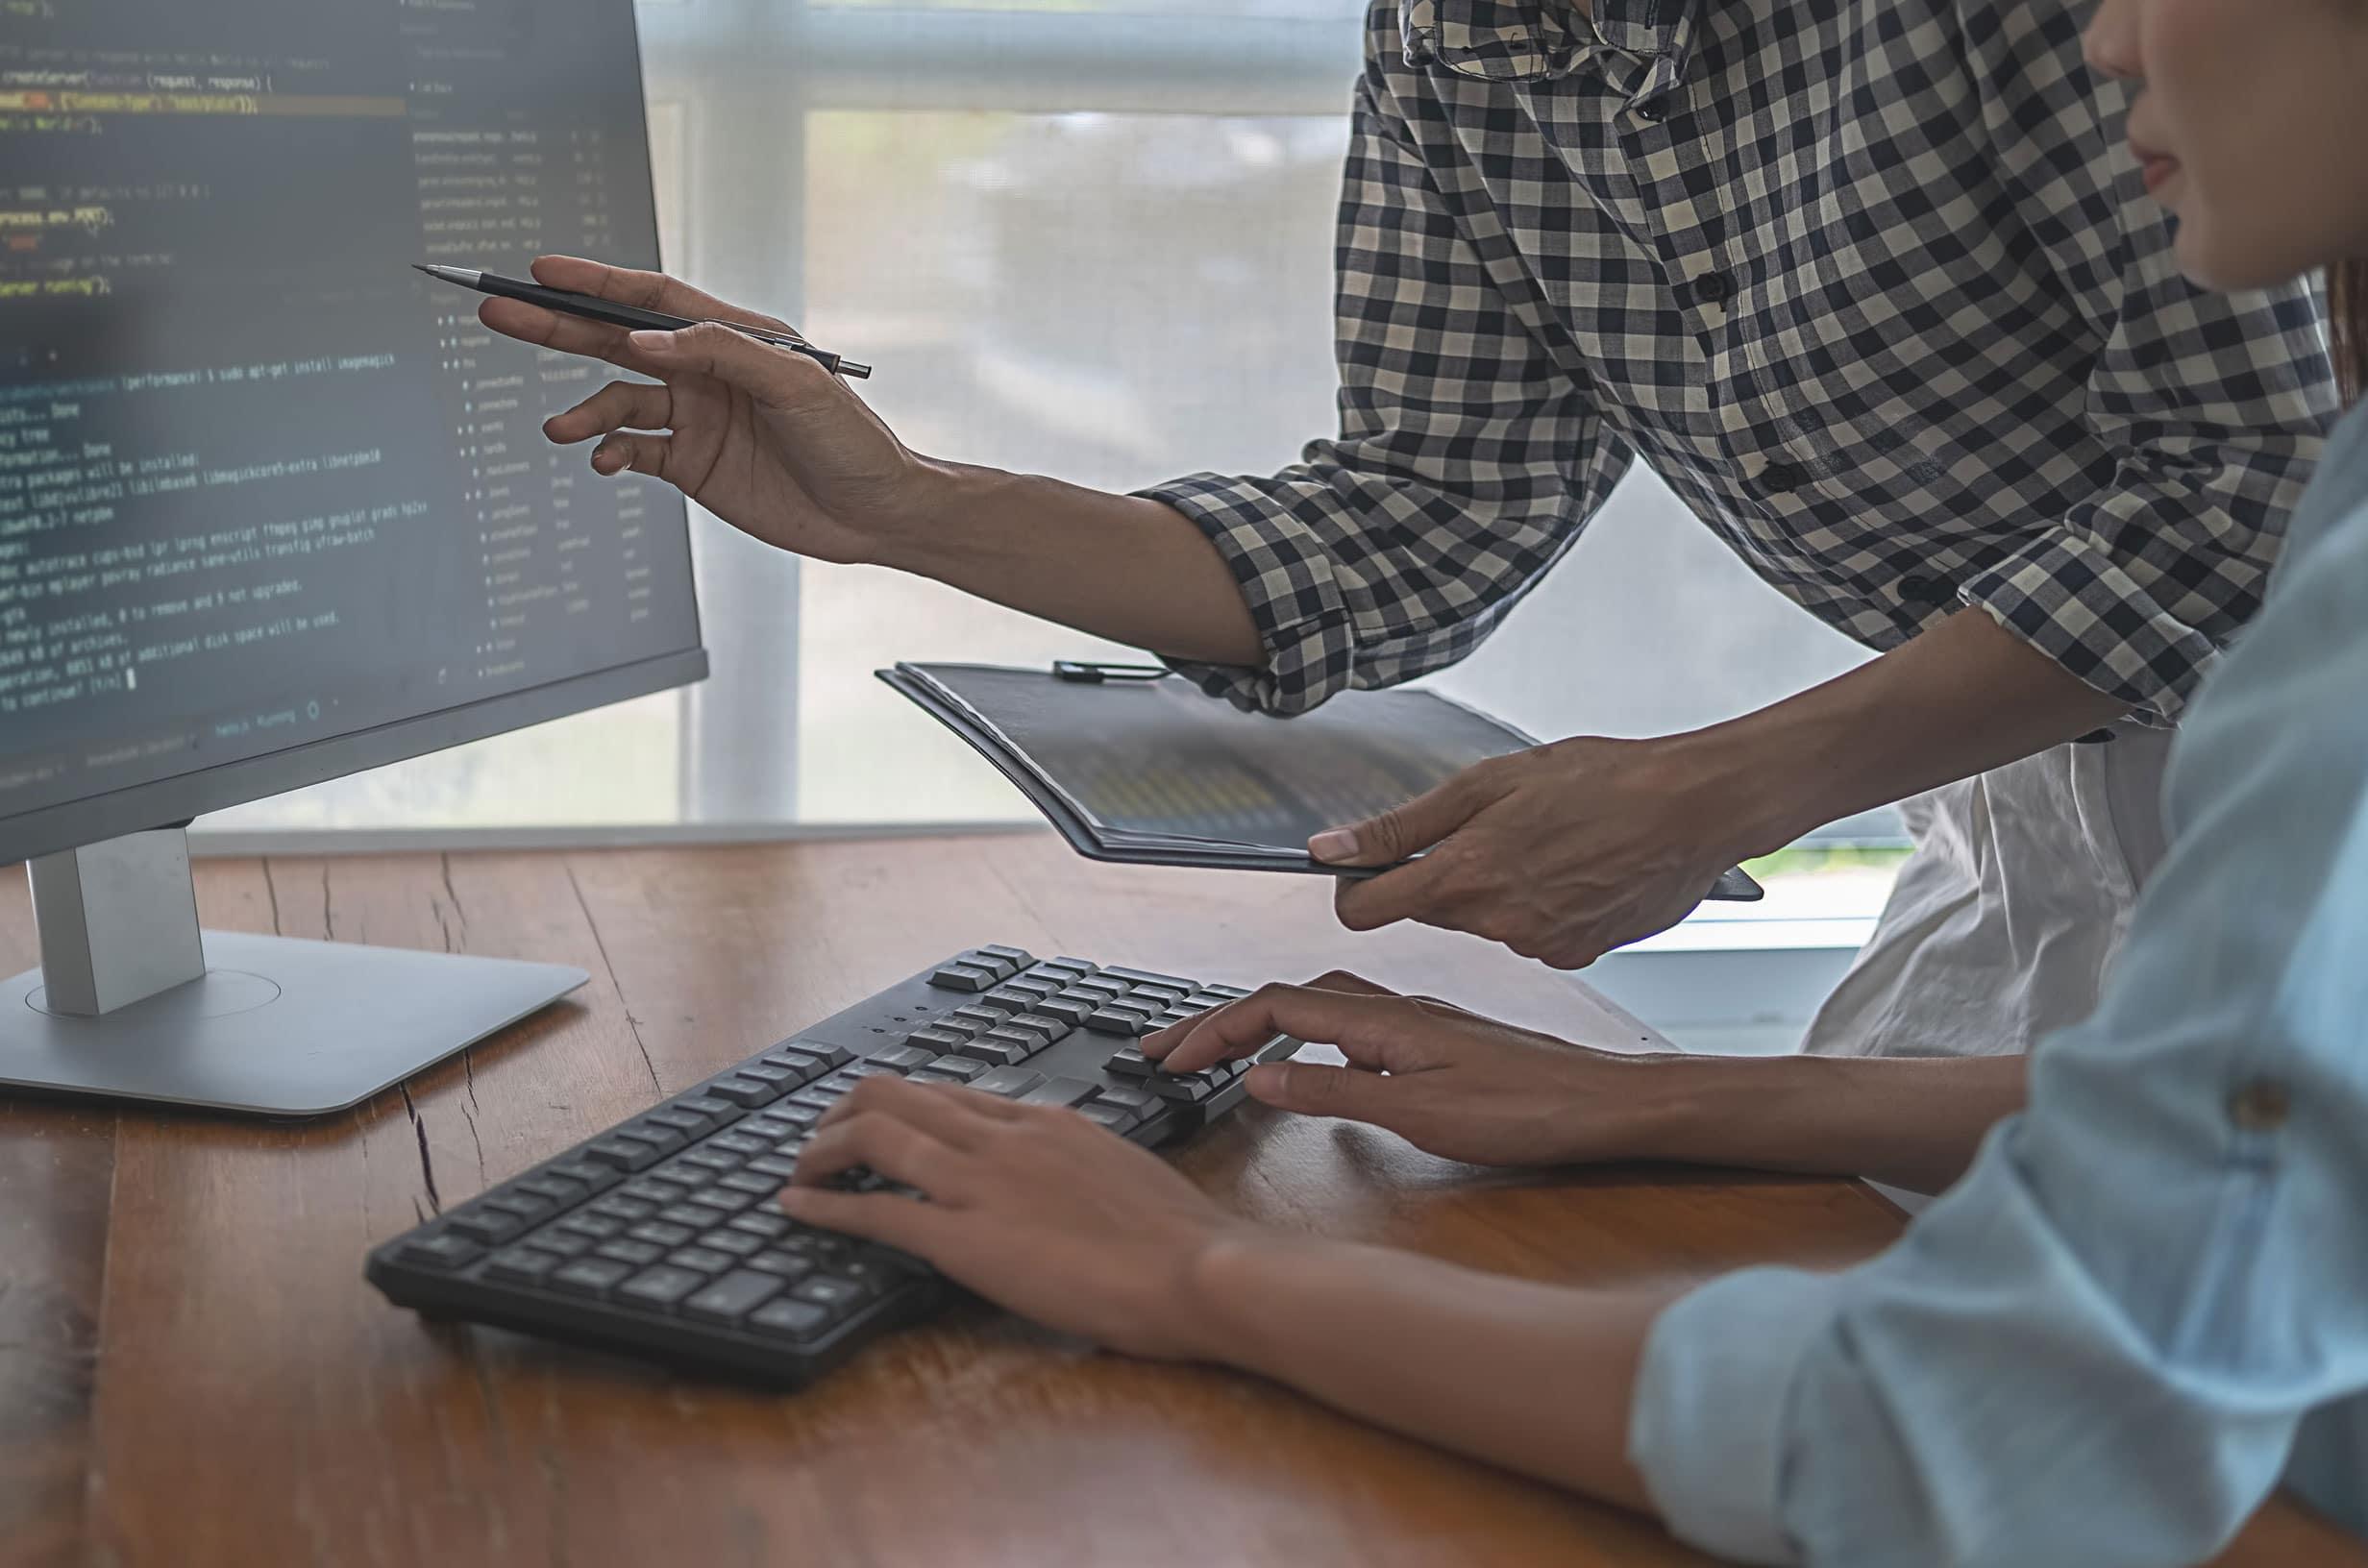 Sviluppiamo software e gestionali personalizzati: qualcosa di intangibile, ma che ti farà cambiare nel concreto